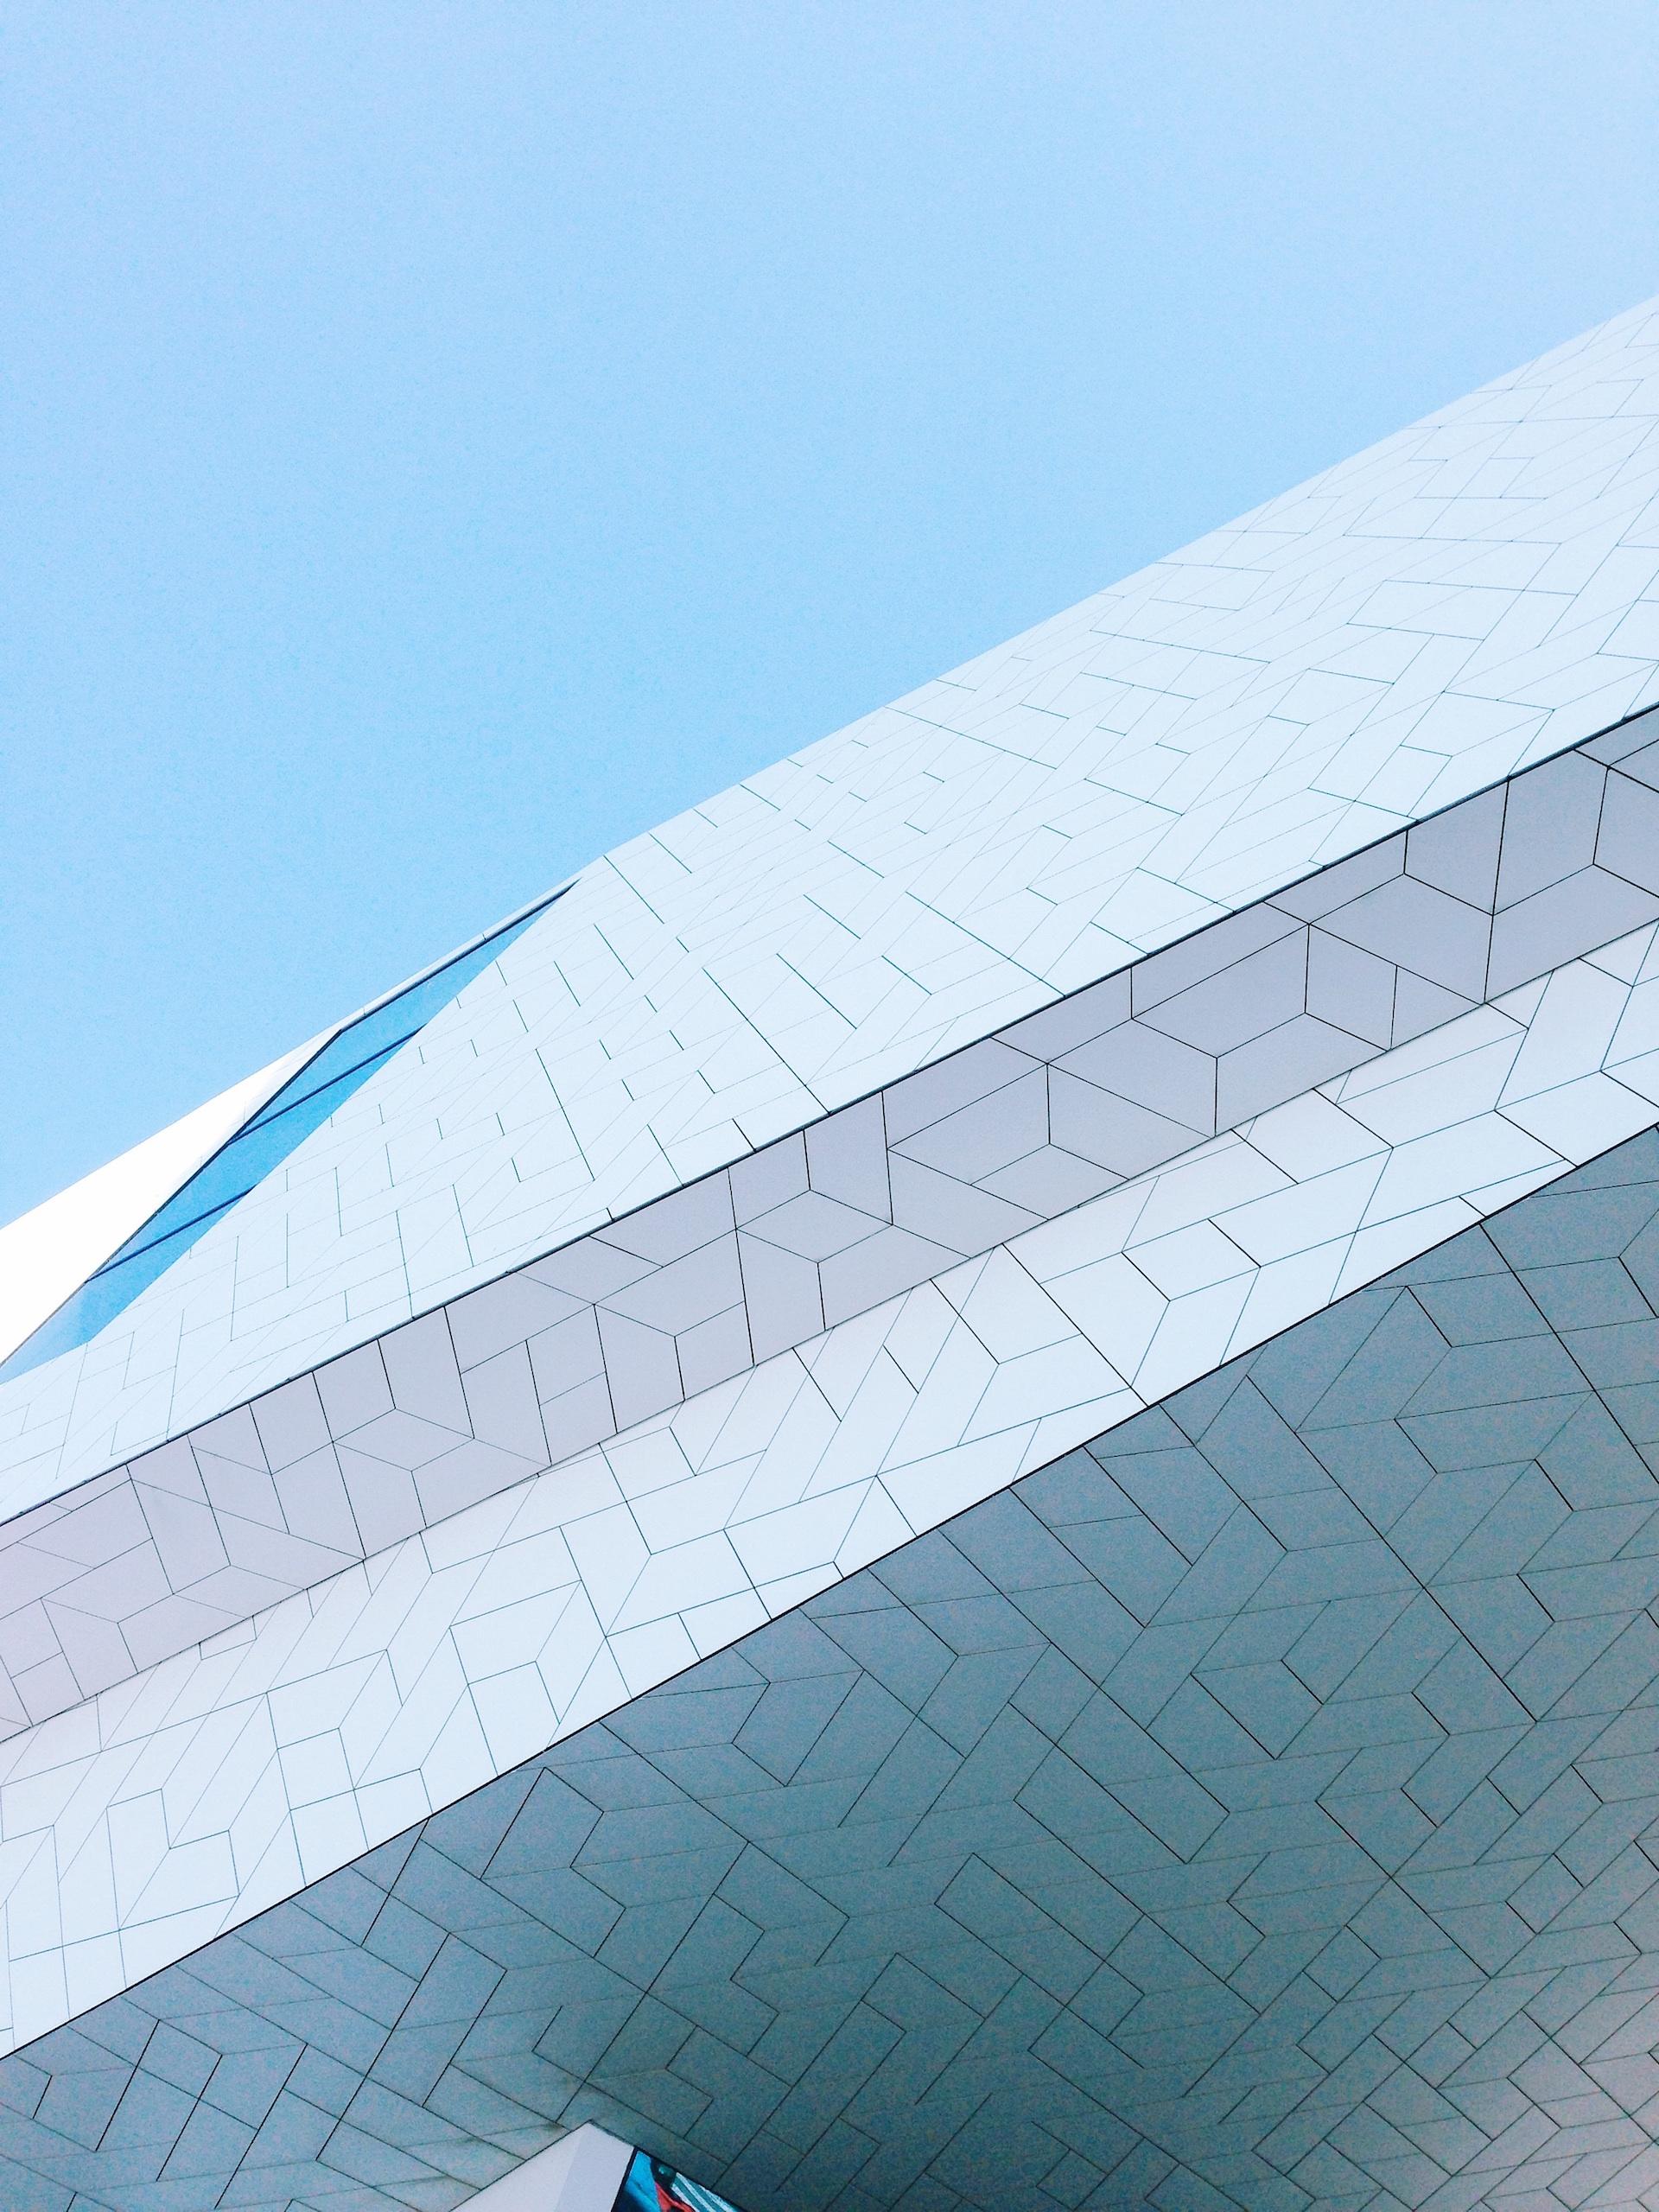 costruzione, facciata, architettura, progettazione, modernità - Sfondi HD - Professor-falken.com